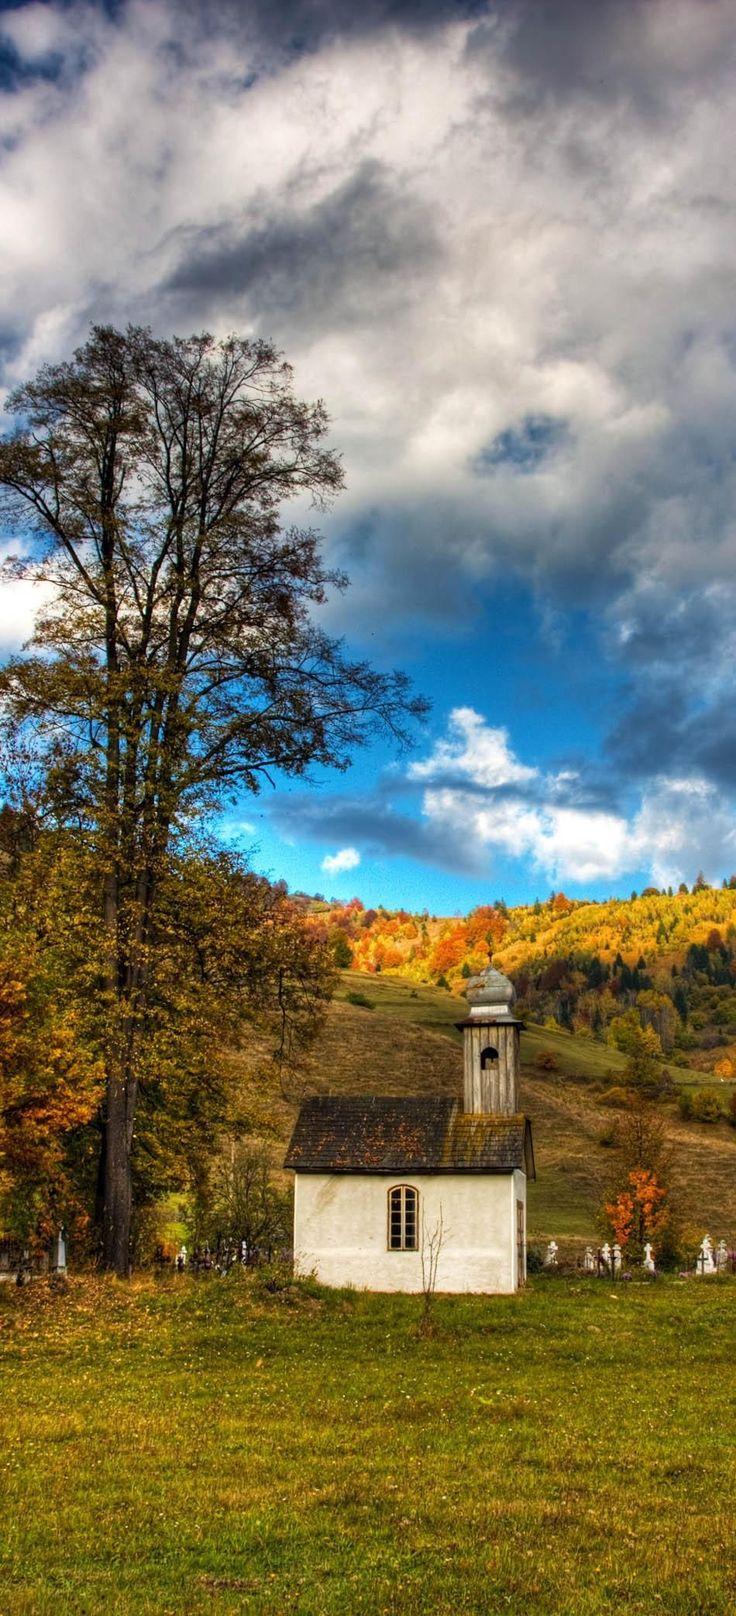 Belle église à Corbu Village, Harghita, Roumanie.  |  Découvrez la Roumanie incroyable à travers 44 photos spectaculaires